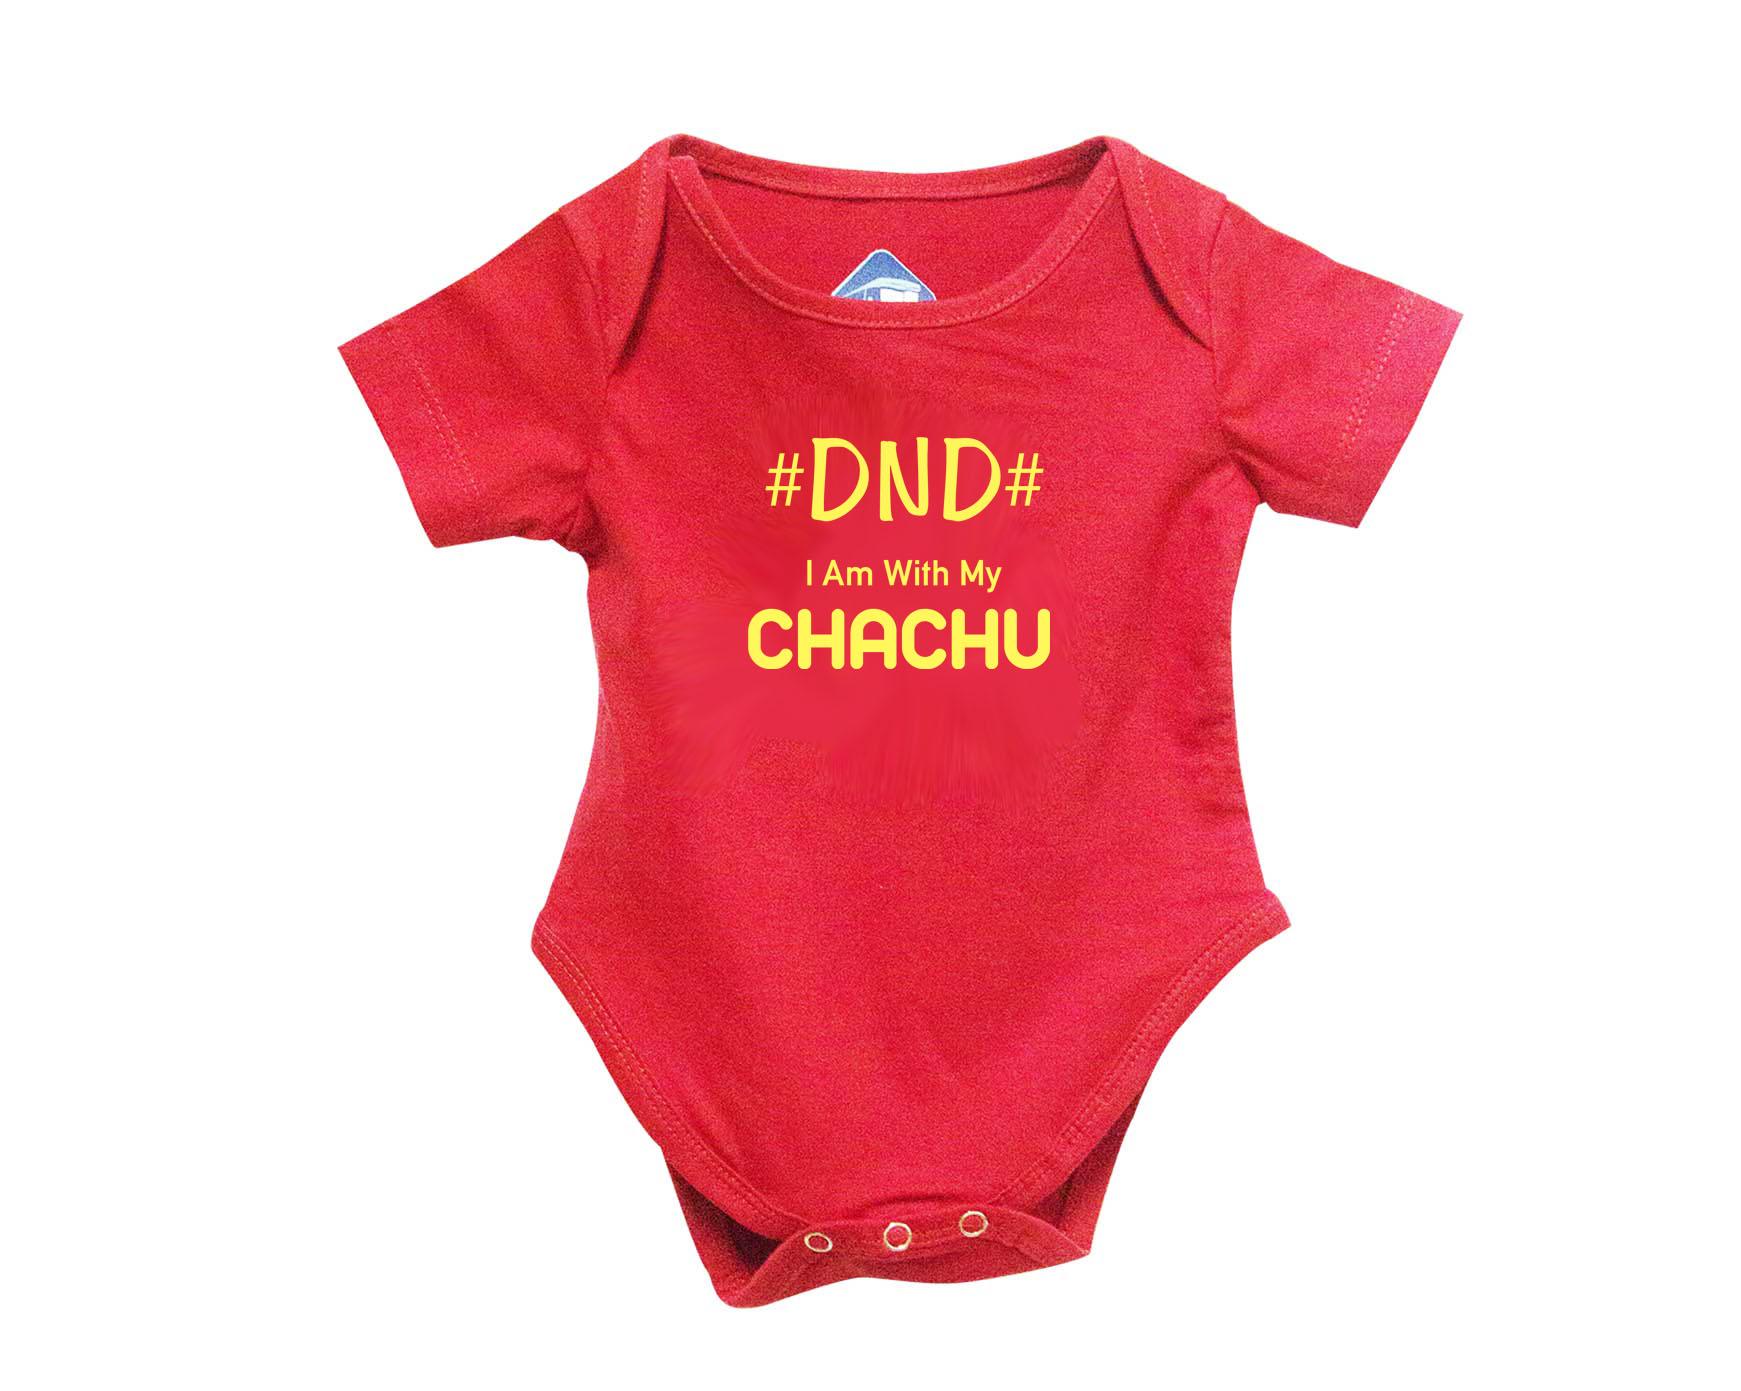 319-dnd-chachu.jpg